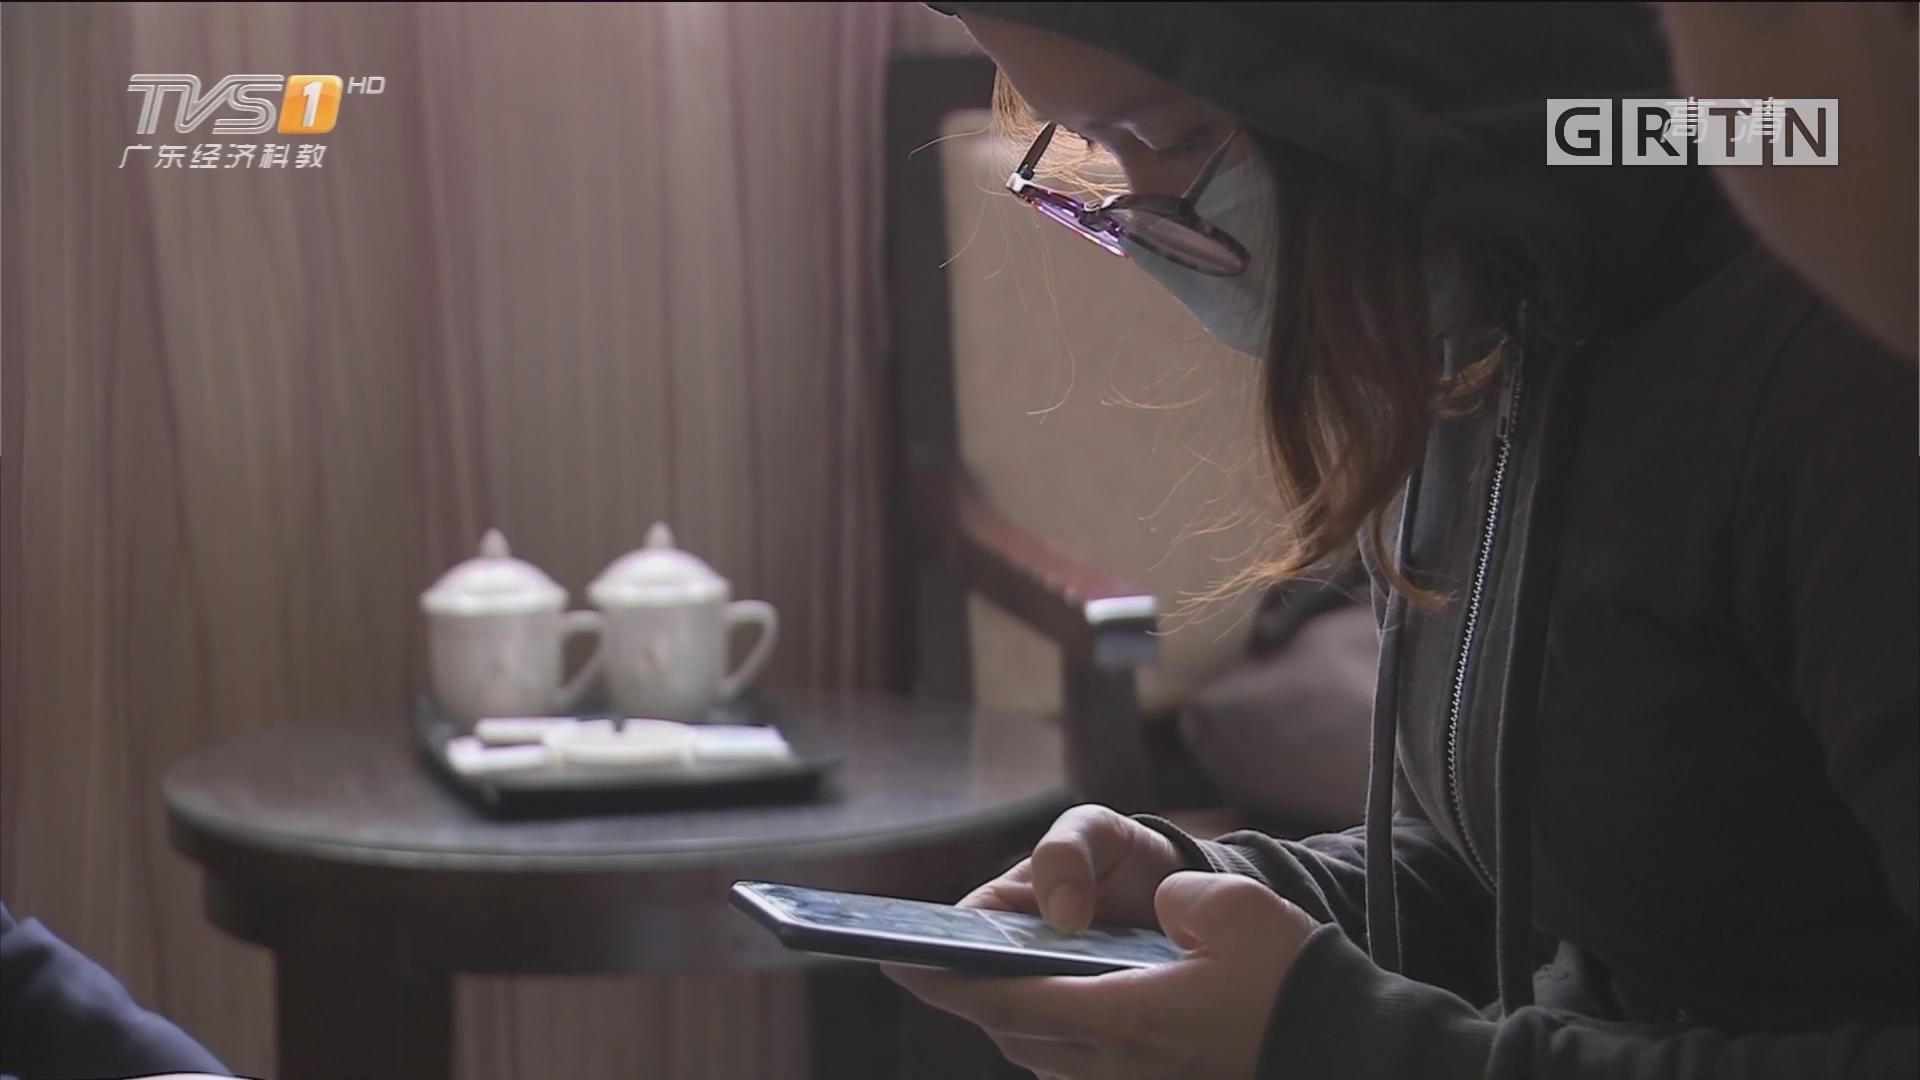 佛山:相亲网站交友 女子两周被骗30万